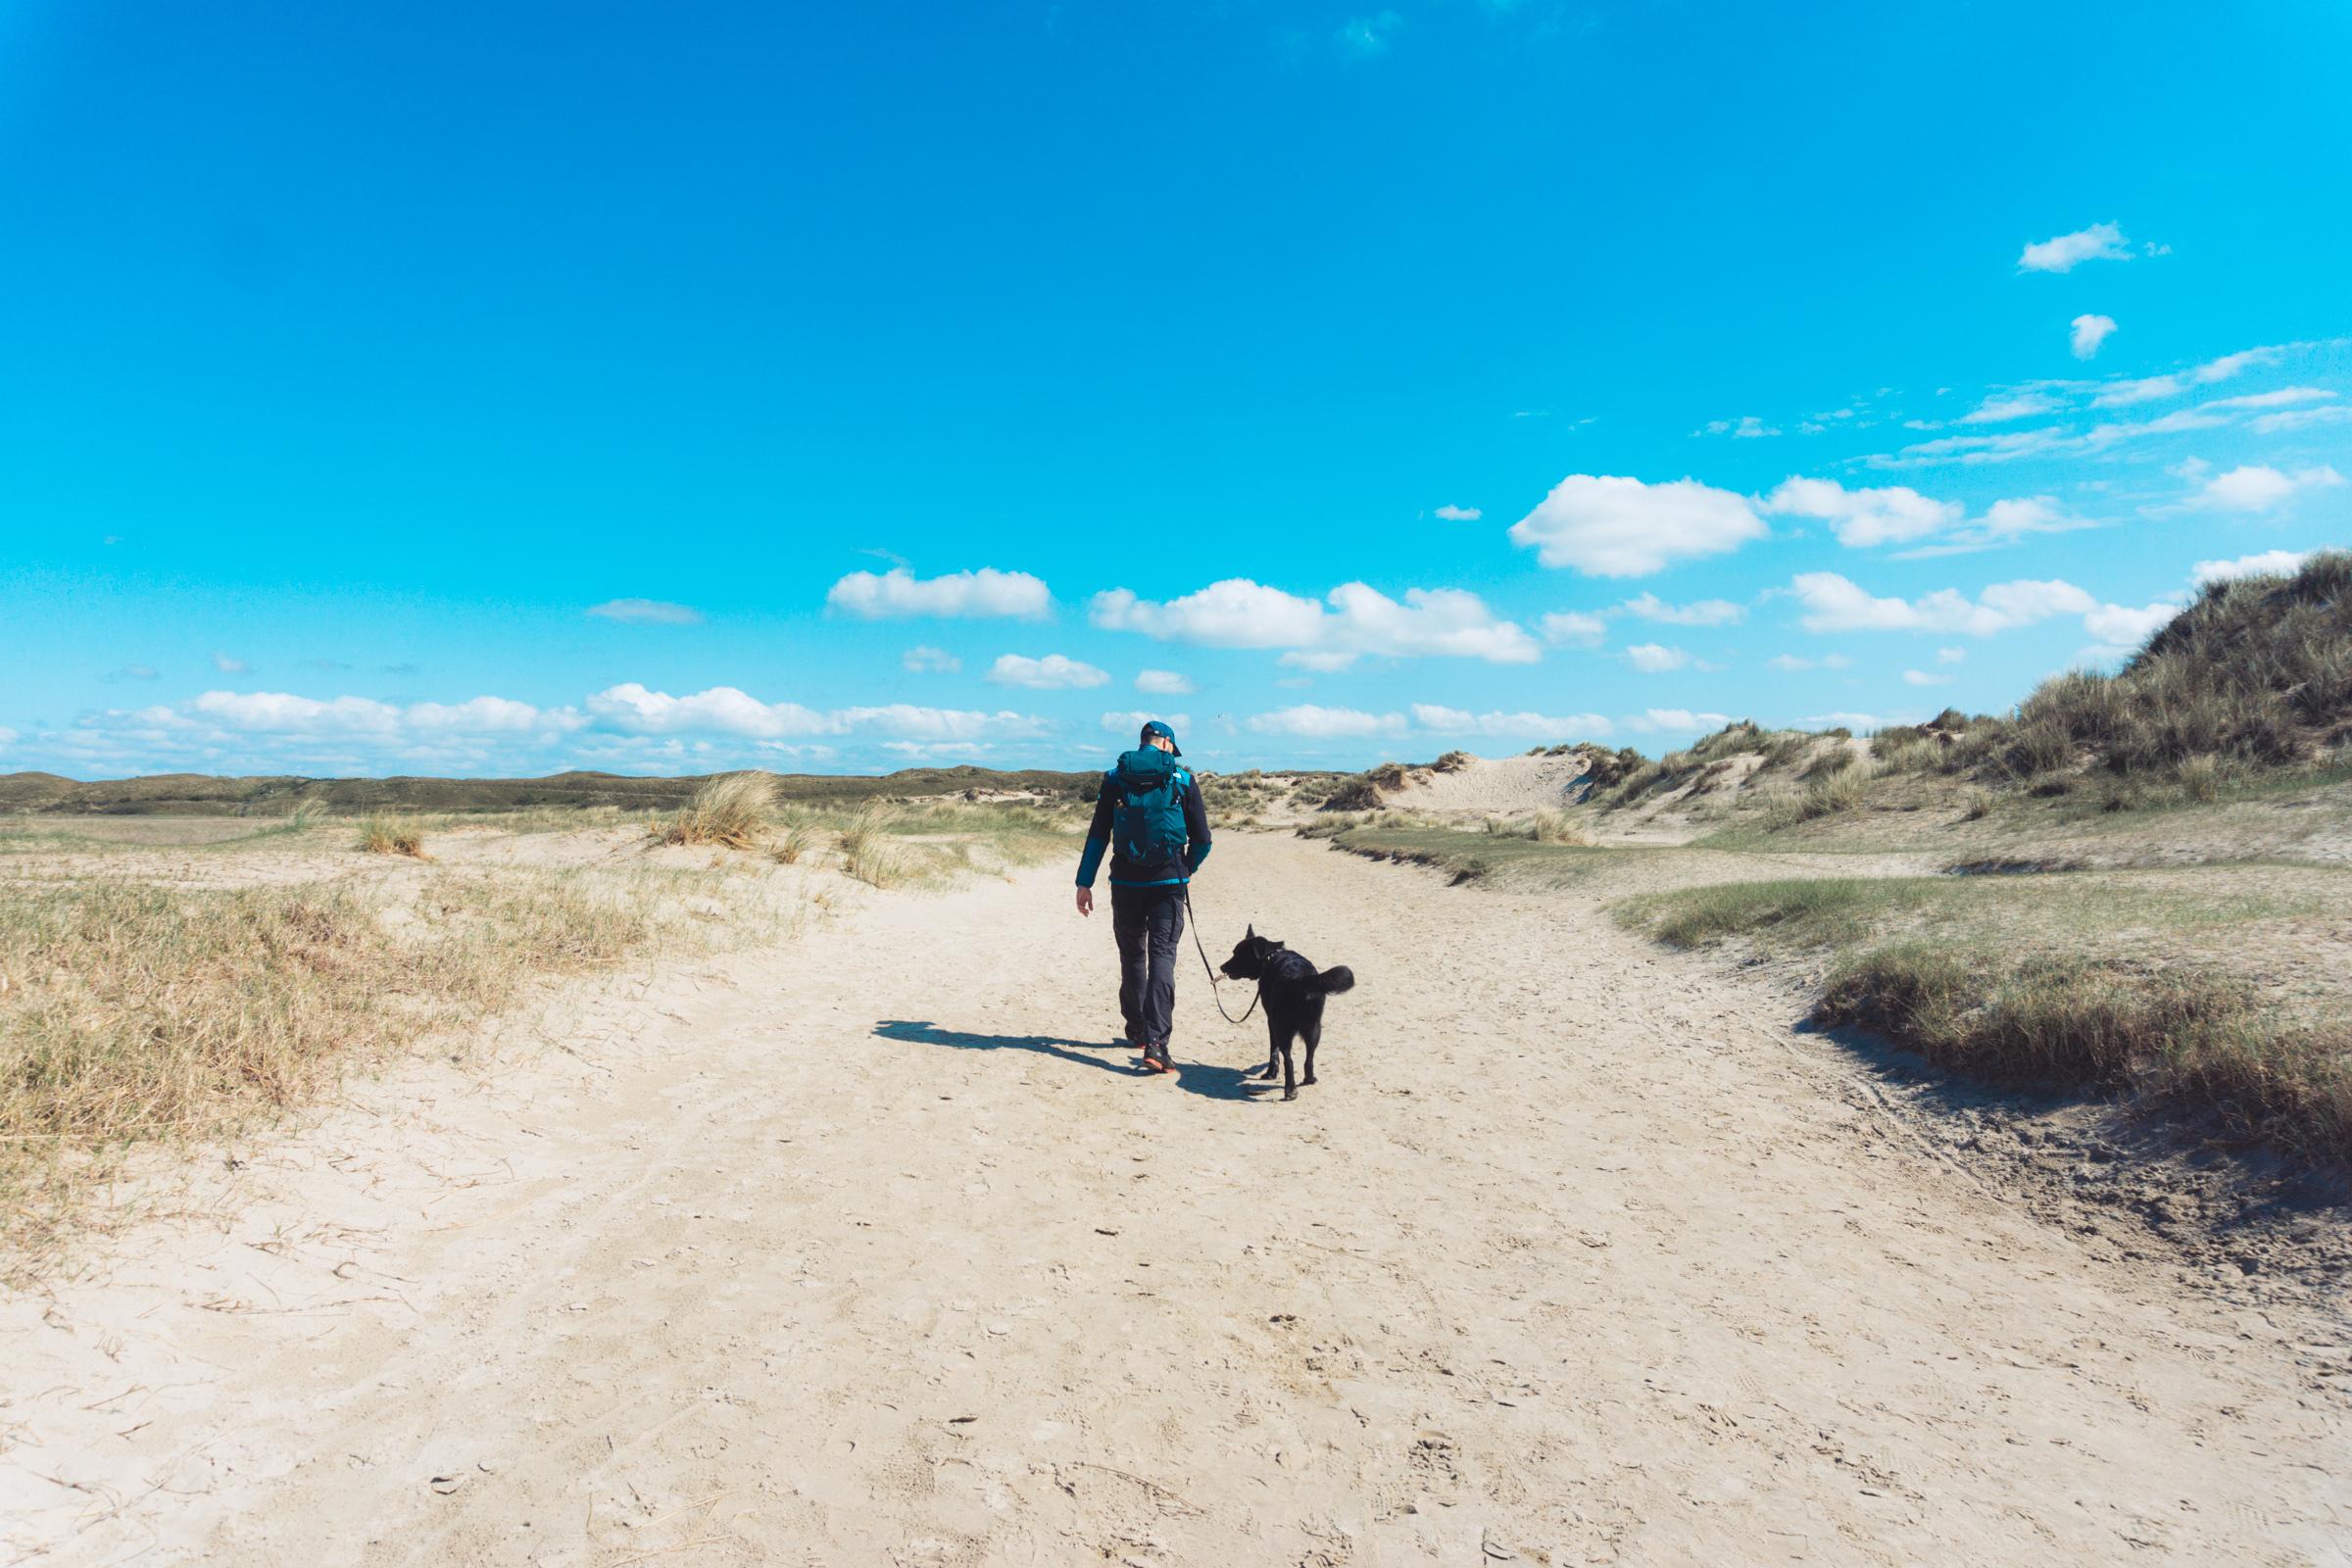 Wandelen met hond op Texel VVV Texel fotograaf Kaz Paul van The Hike